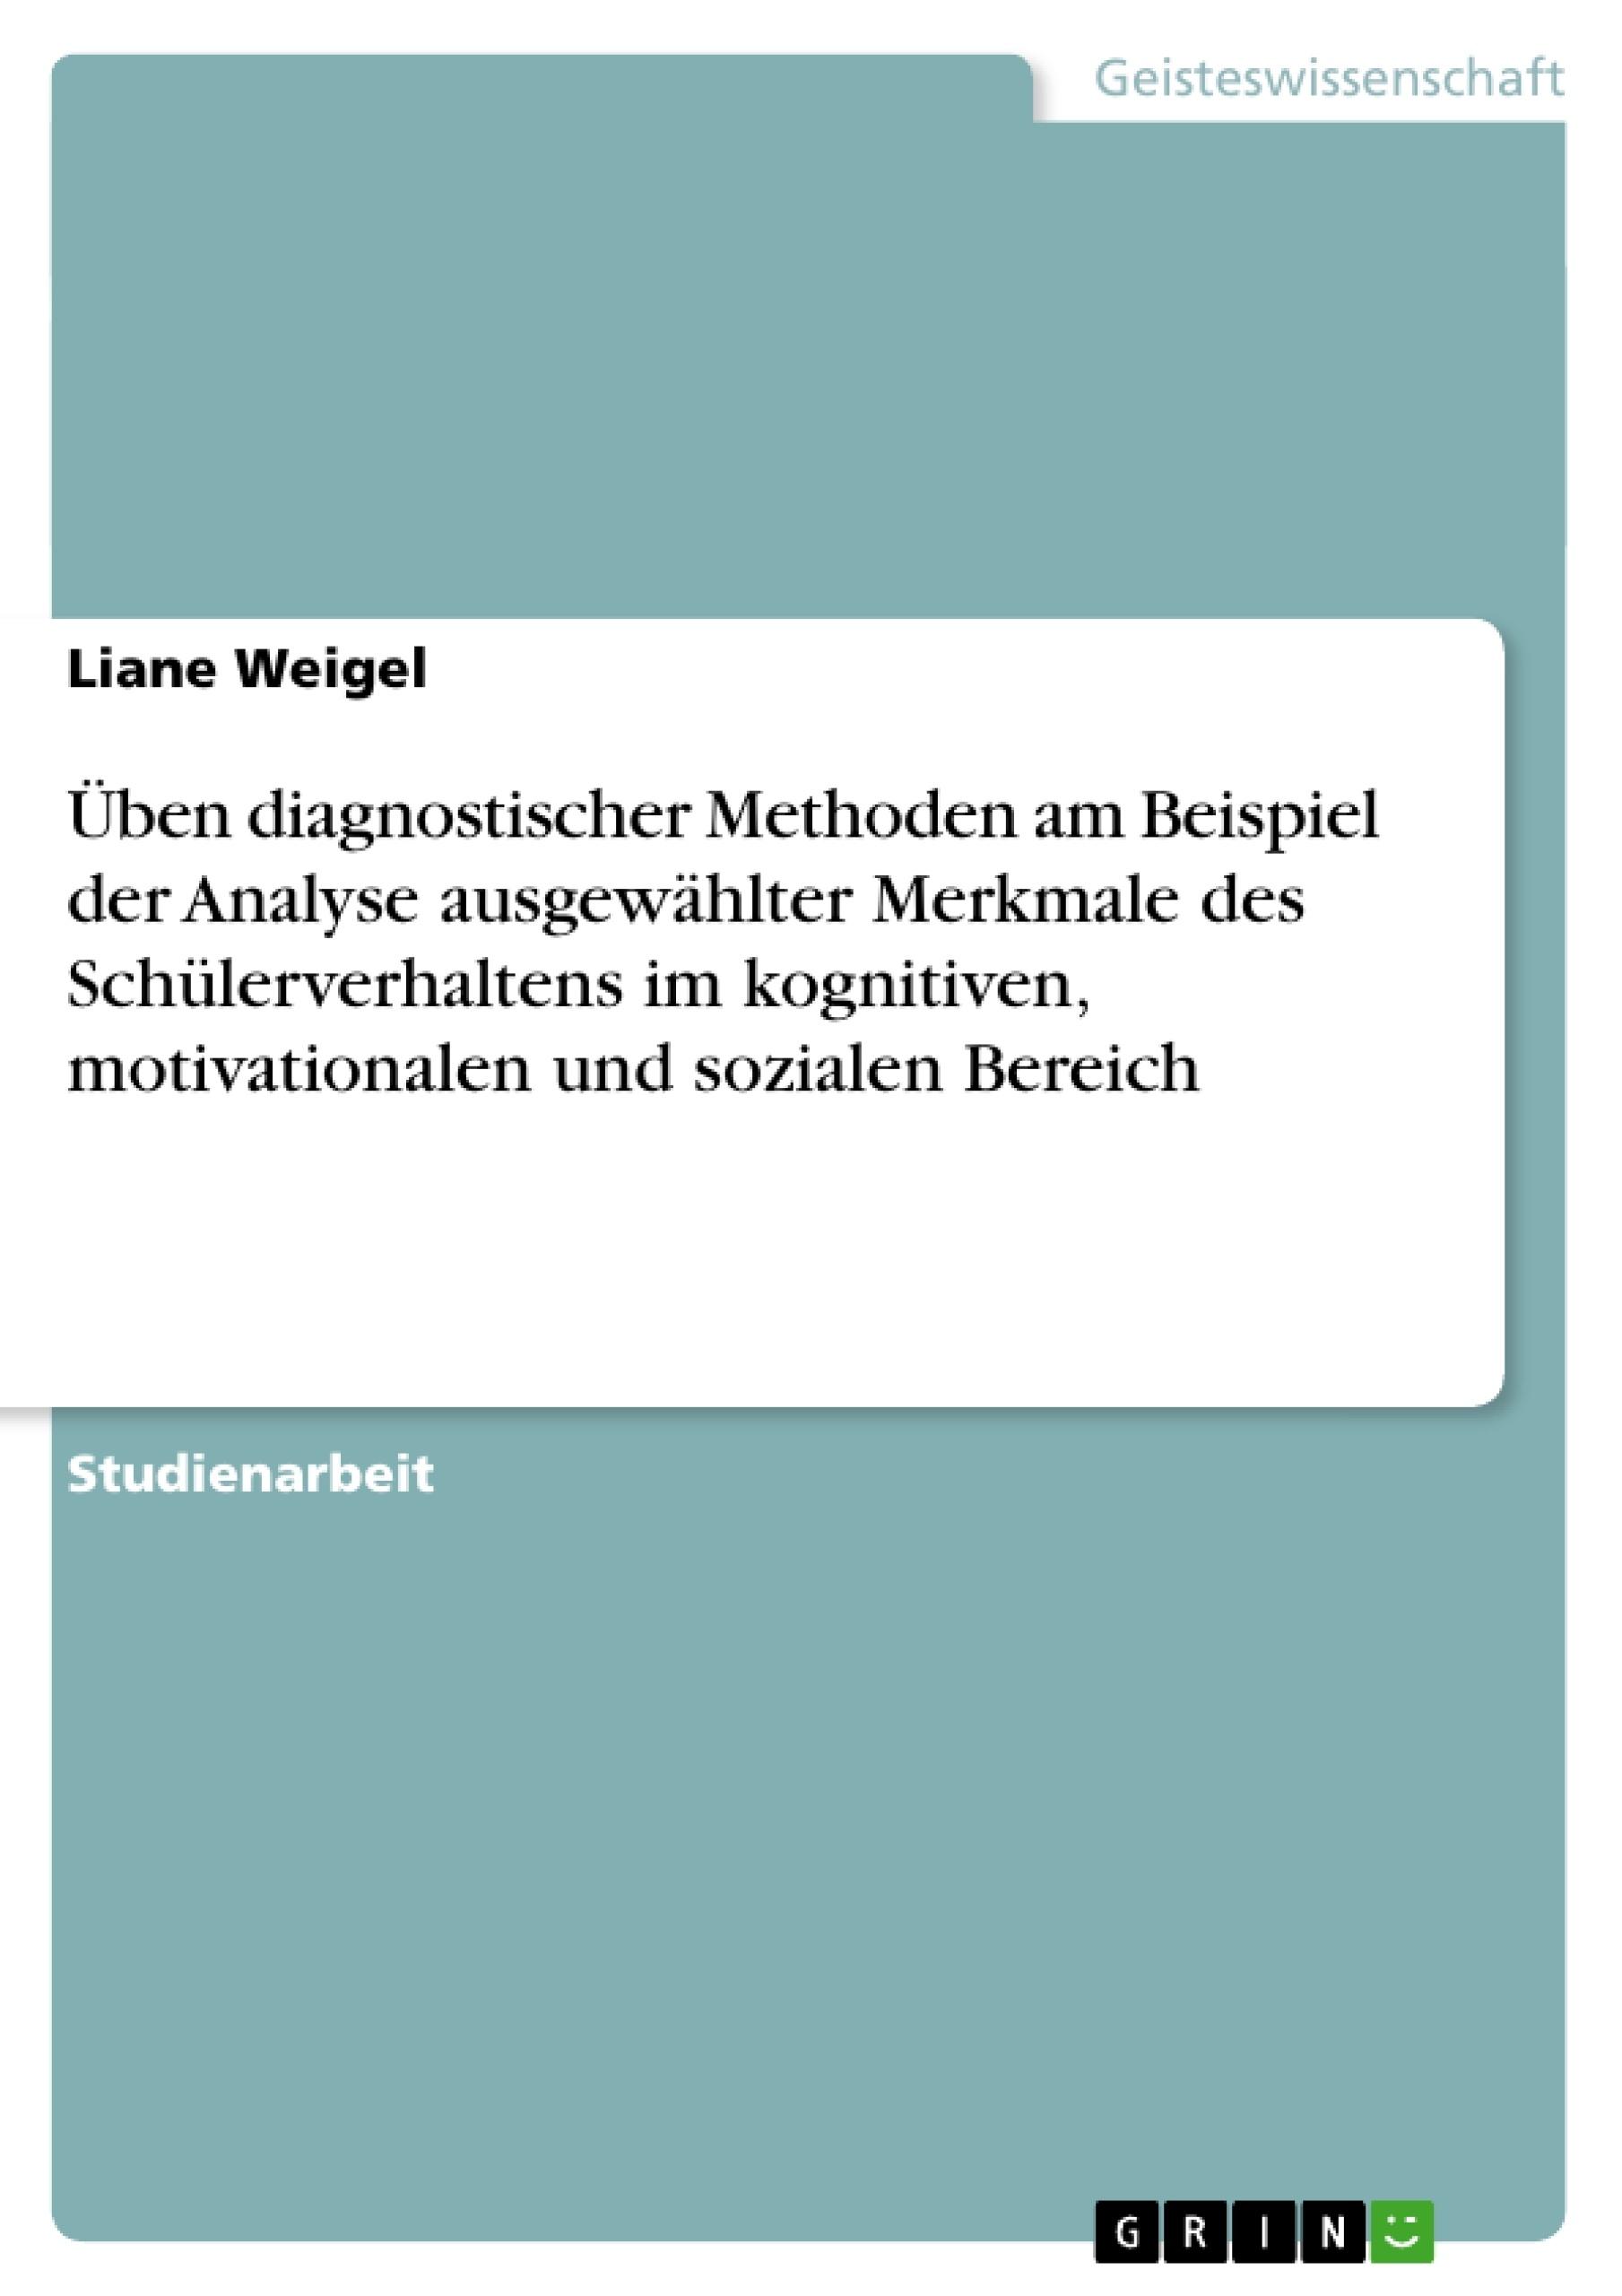 Titel: Üben diagnostischer Methoden am Beispiel der Analyse ausgewählter Merkmale des Schülerverhaltens im kognitiven, motivationalen und sozialen Bereich